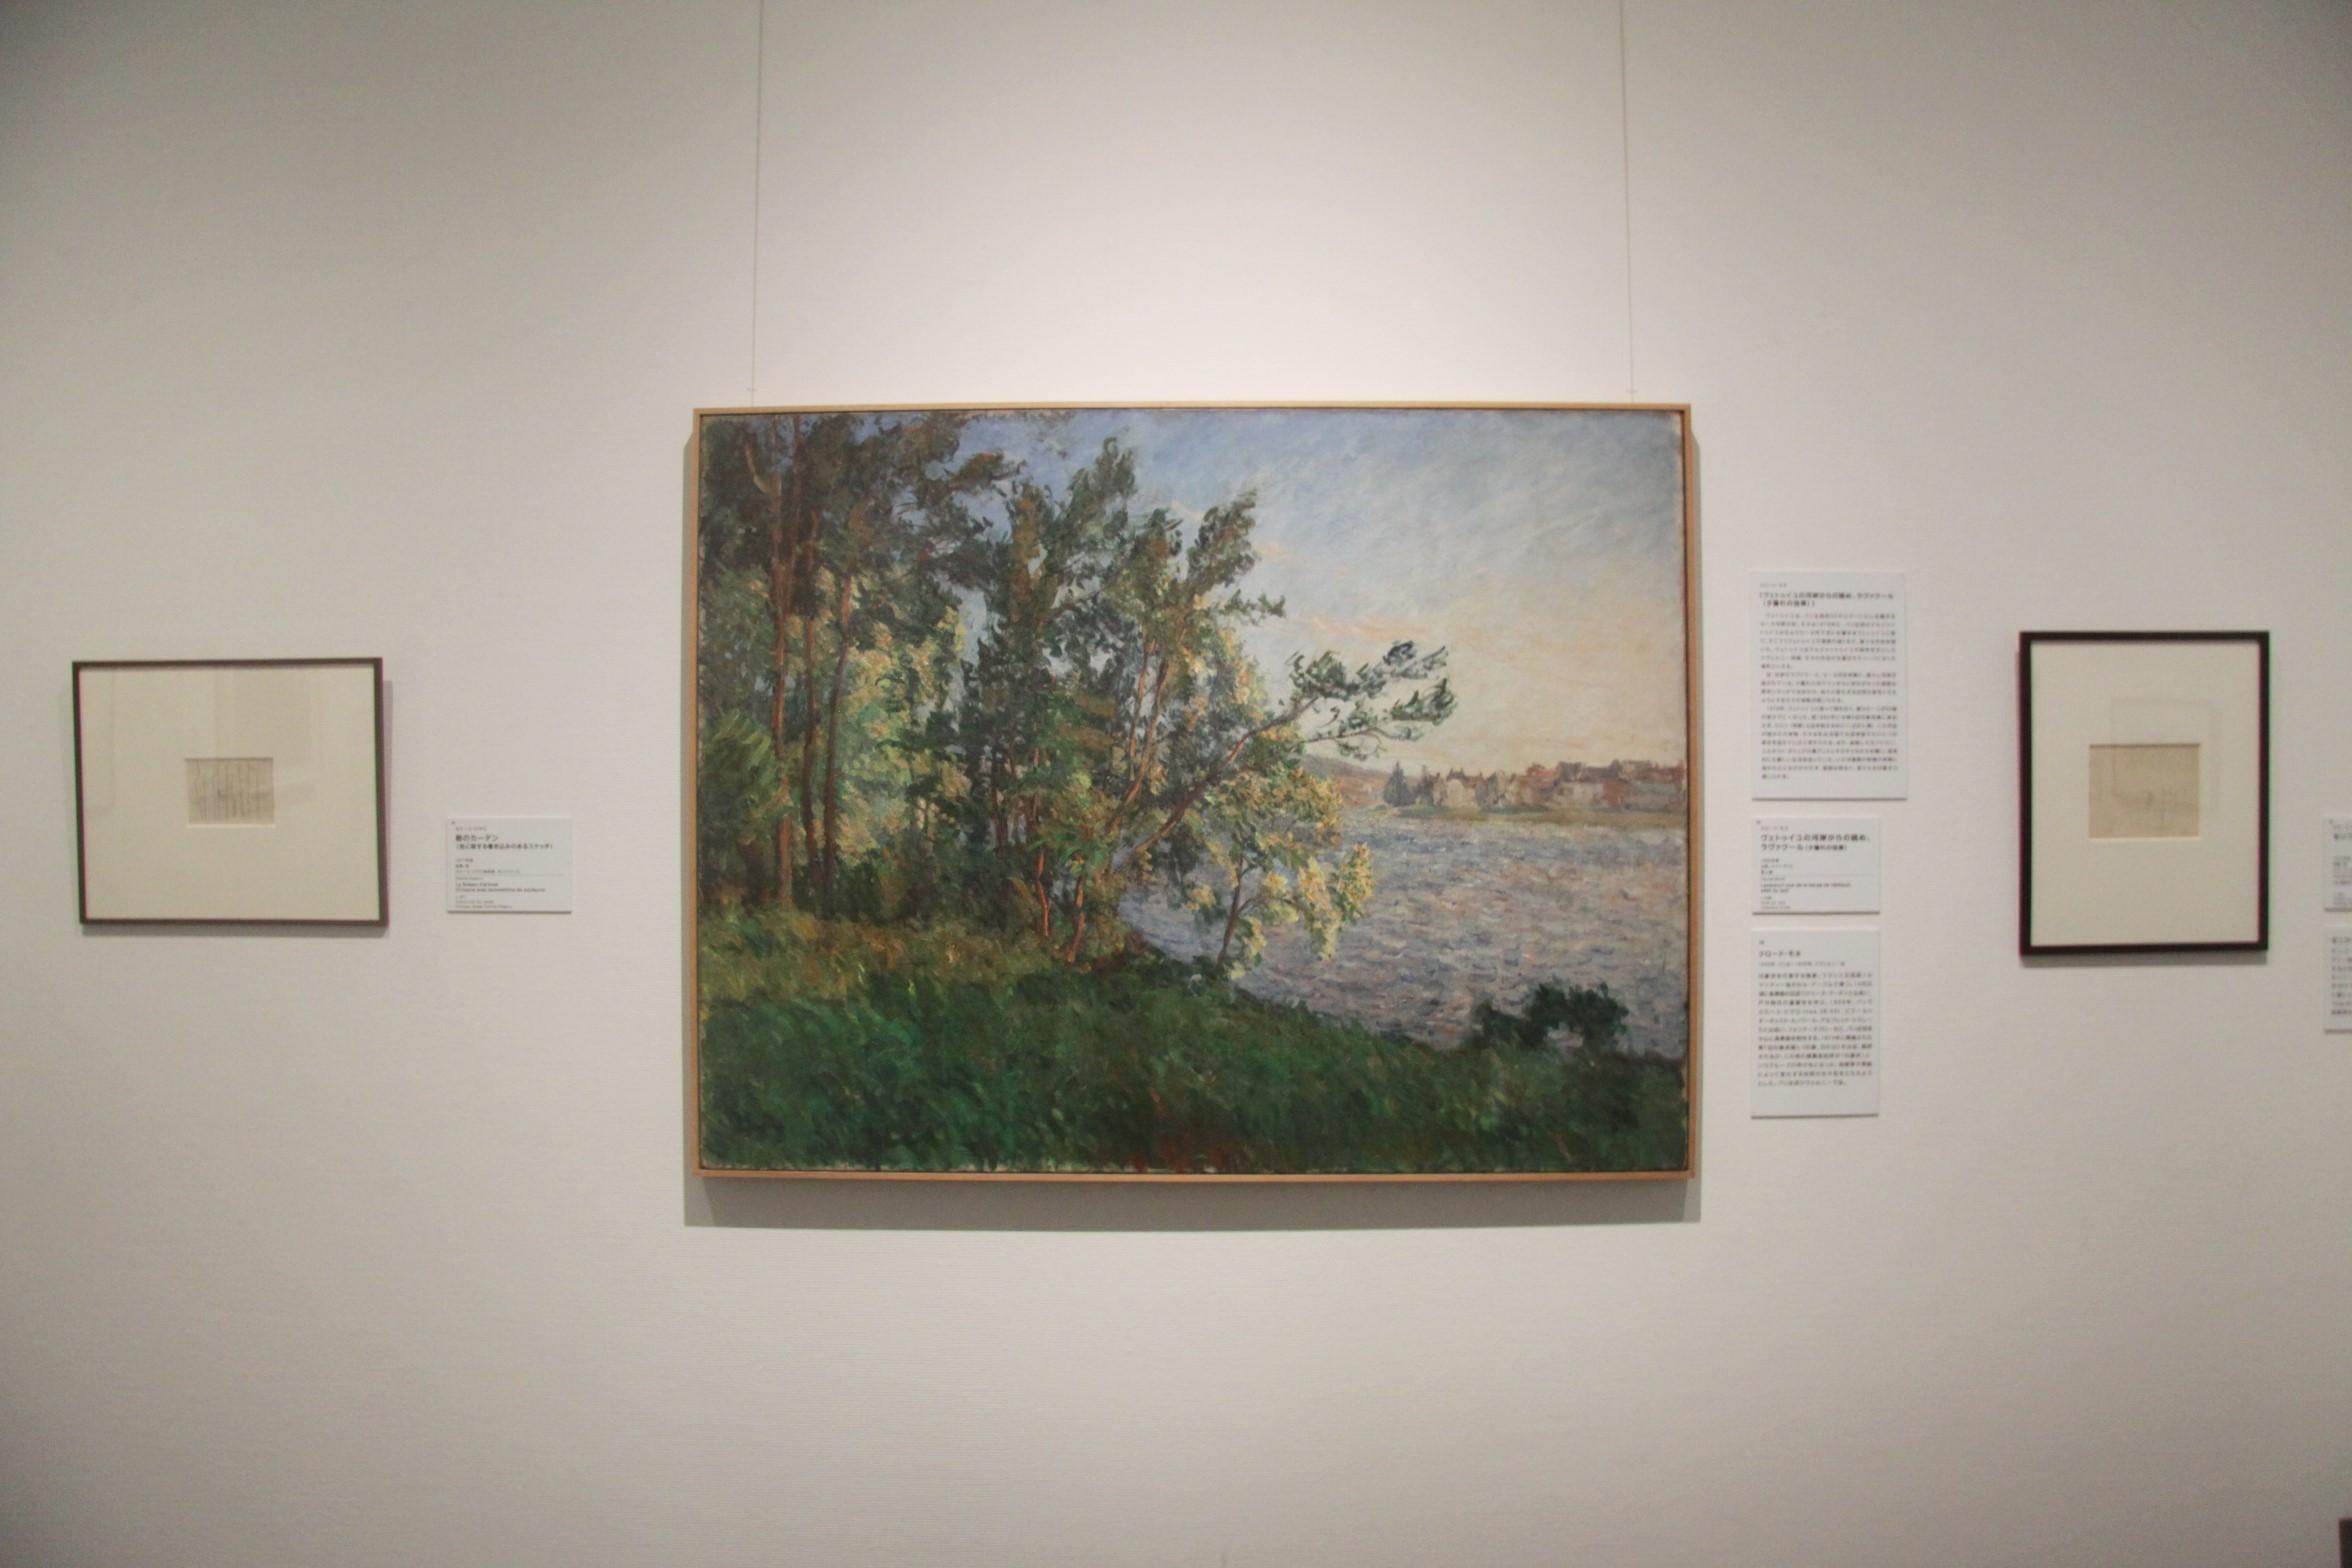 (中央)クロード・モネ《ヴェトゥイユの河岸かの眺め、ラヴァクール(夕暮れの効果)》1880年頃 個人蔵